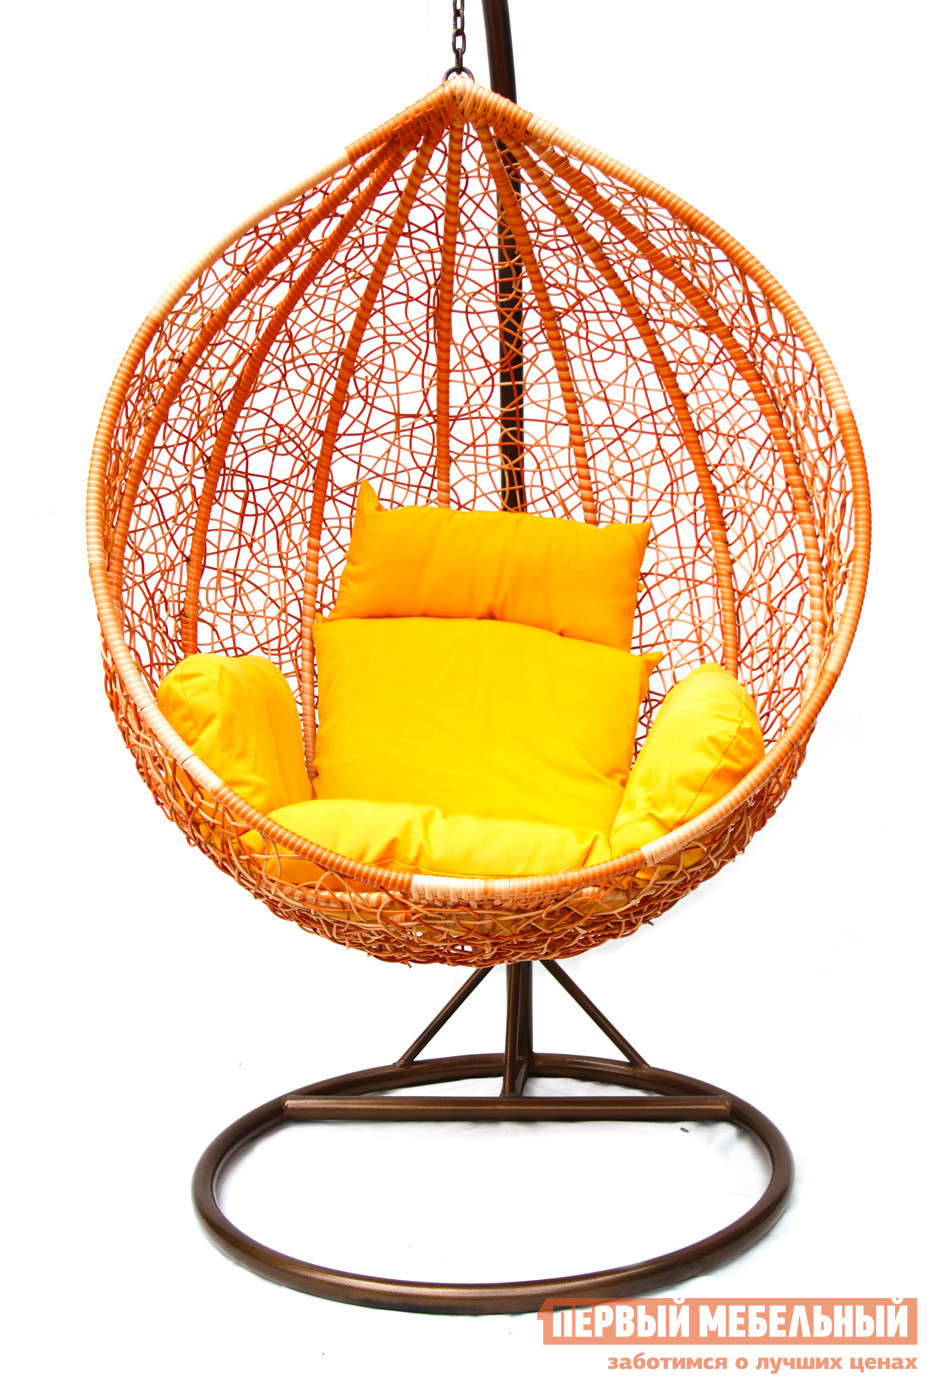 Подвесное кресло Kvimol KM-0001 (рыжий) Рыжий иск. ротанг/Желтая подушка, Малая корзина